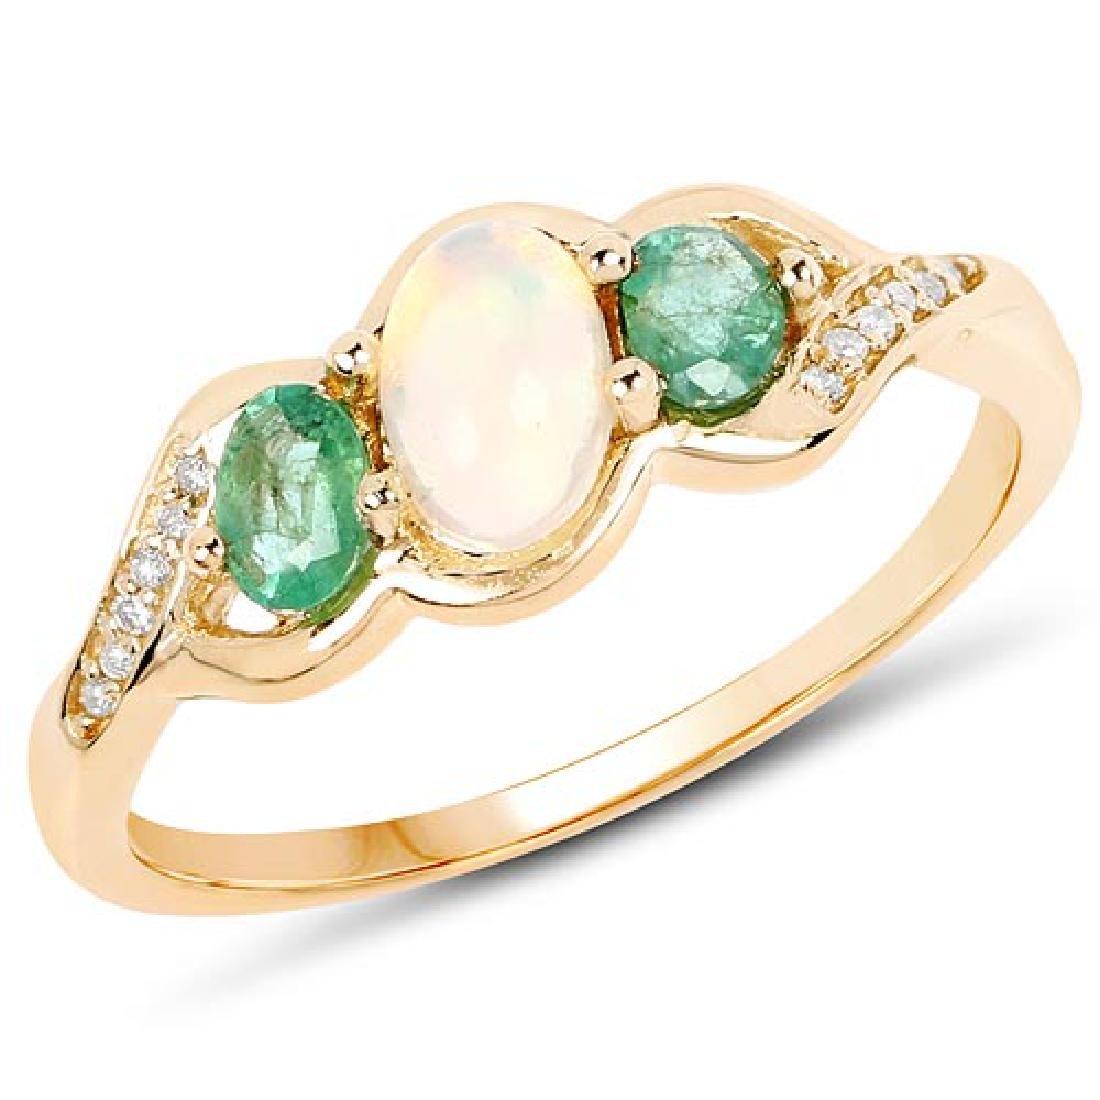 0.61 CTW Genuine Ethiopian Opal Zambian Emerald and Whi